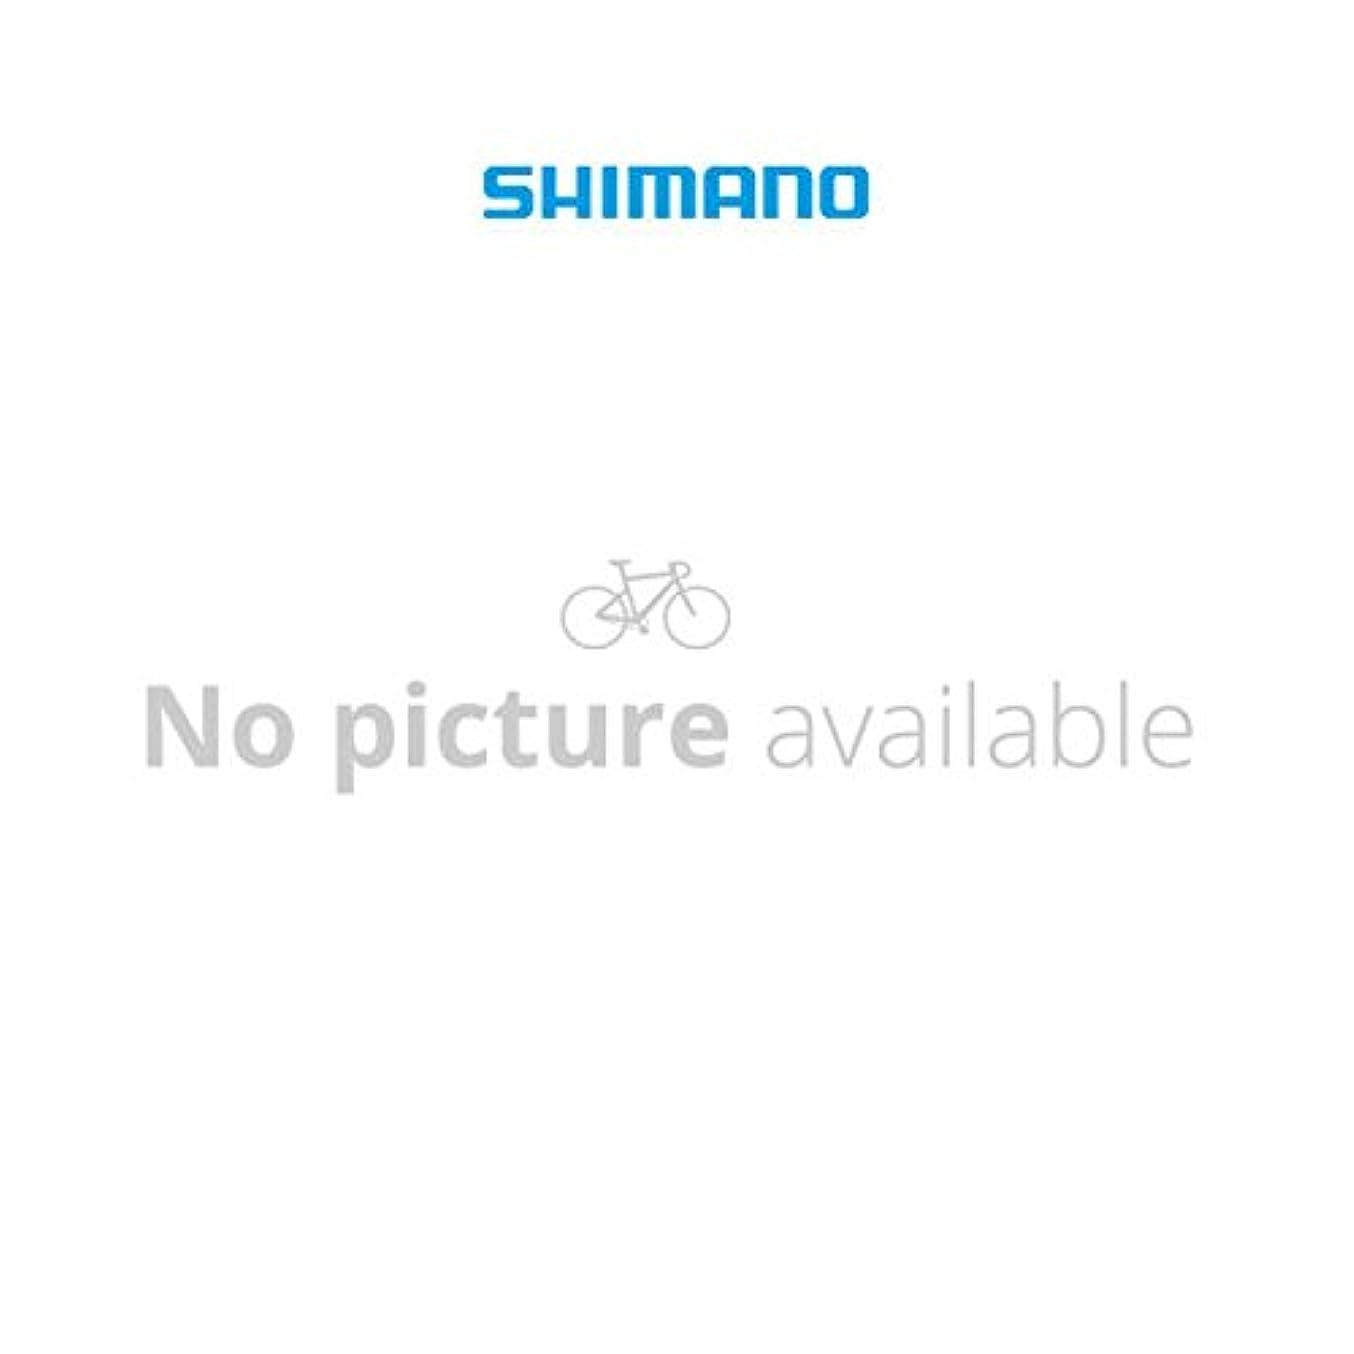 飛躍放つ飼い慣らすSHIMANO(シマノ) TL-ST04 組立用レバー軸 ST-R785 Y07T27000